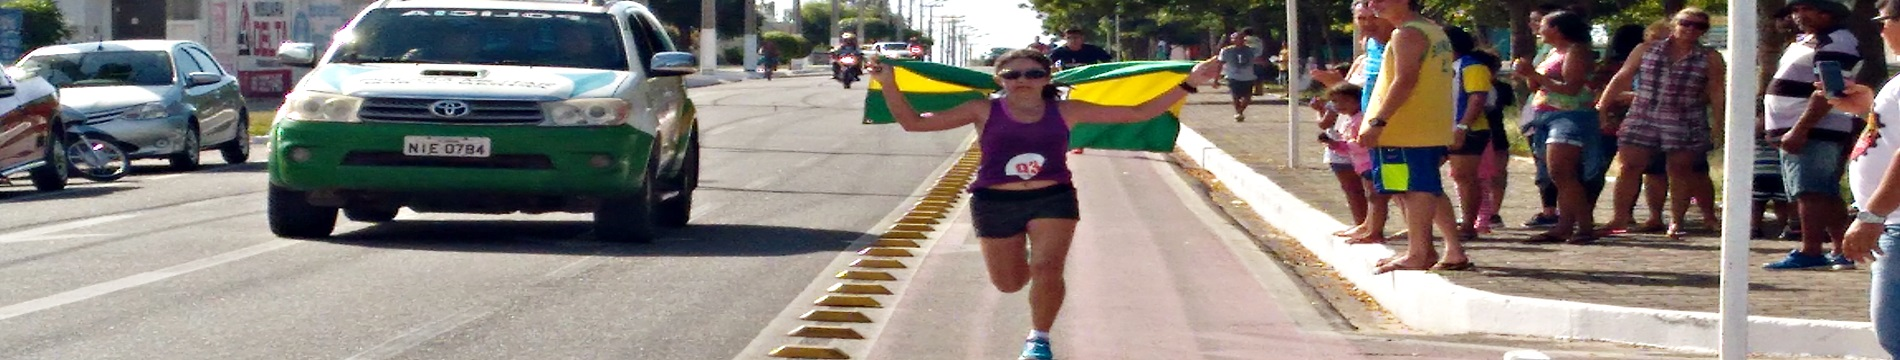 Ana Célia Brilha Novamente e Desta Vez em Companhia da Bandeira de Buriti dos Lopes